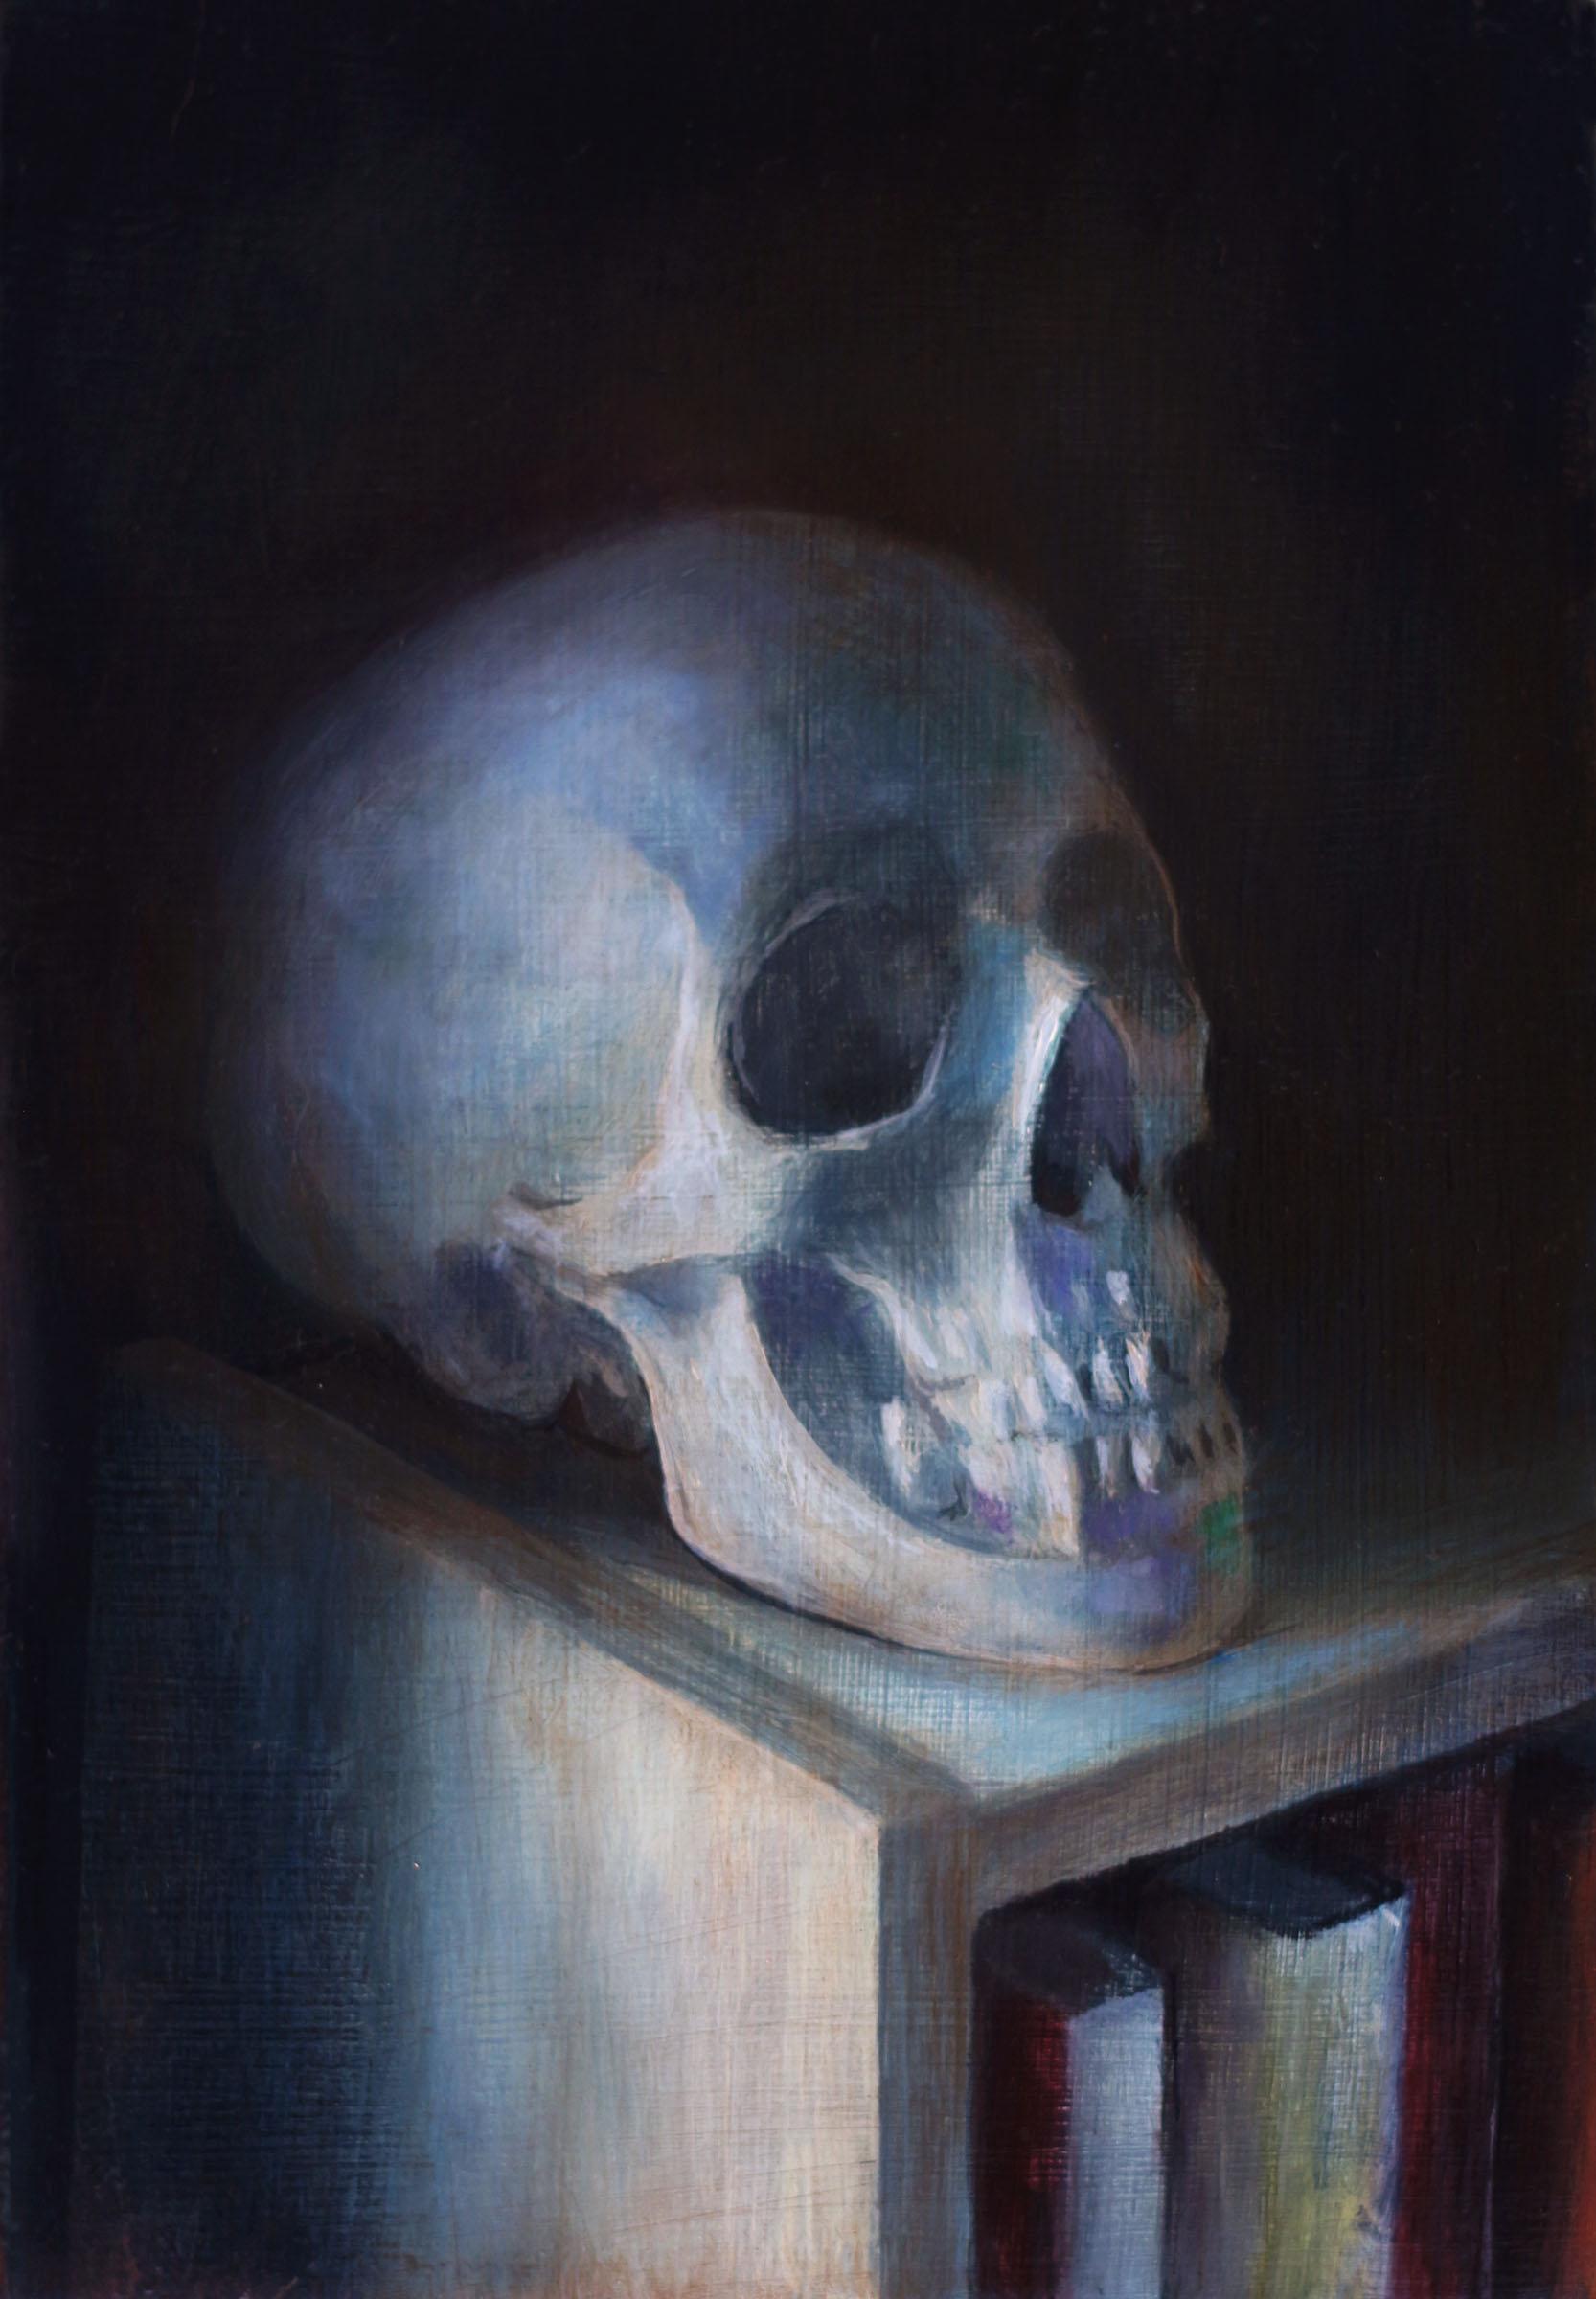 Skull   2017  Oil on linen  7 x 5 inches